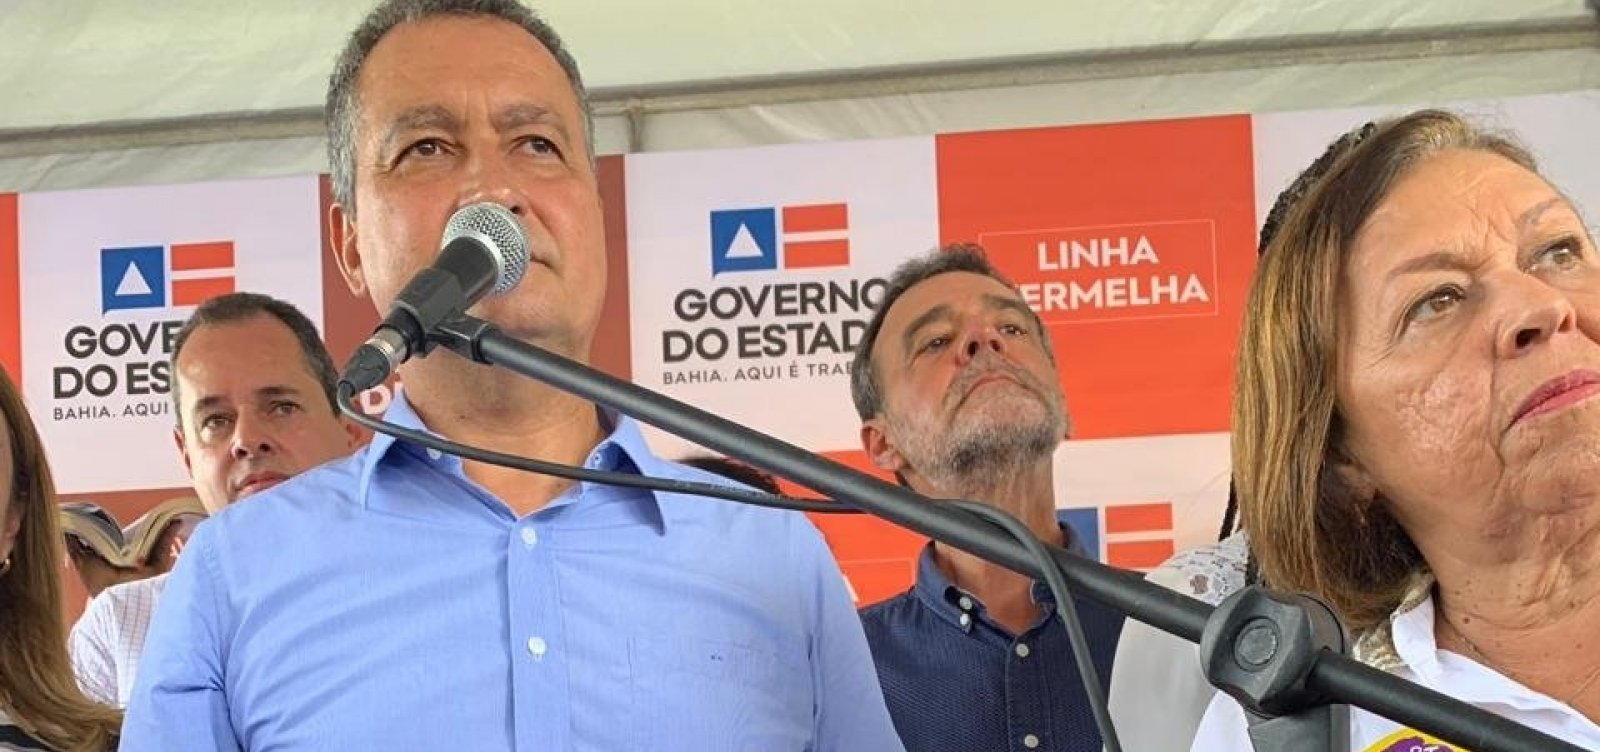 [Rui diz que governo federal não honrou compromissos e deu 'calote' na Bahia]